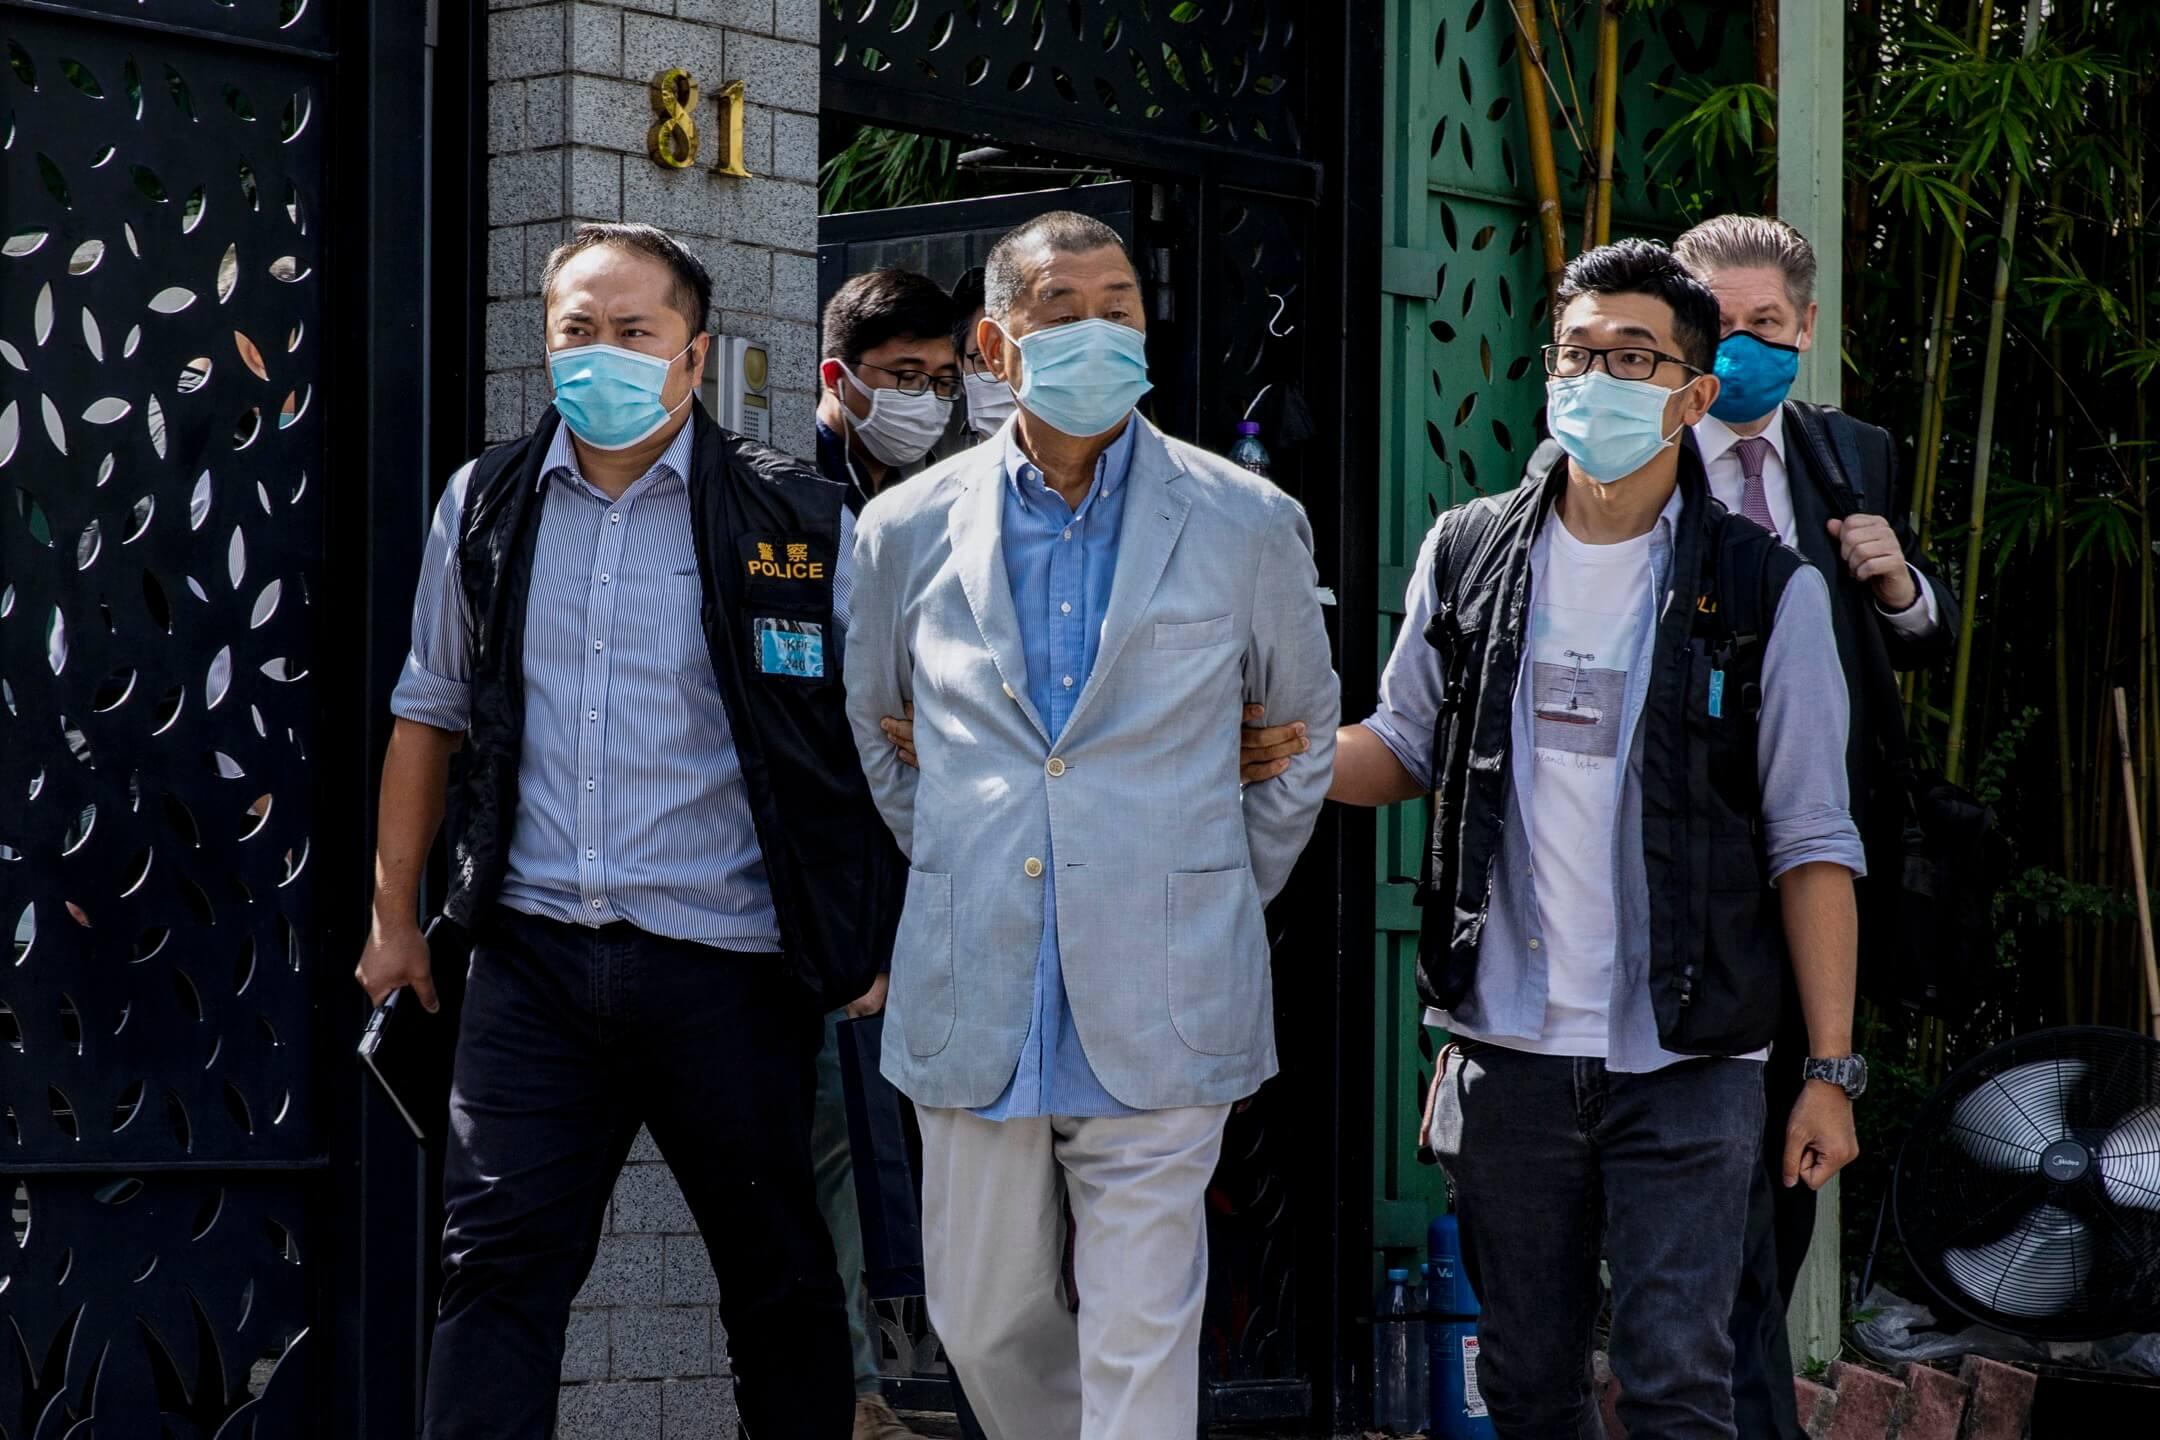 2020年8月10日,《壹傳媒》創辦人黎智英早上在寓所被捕,涉及觸犯國安法罪行。